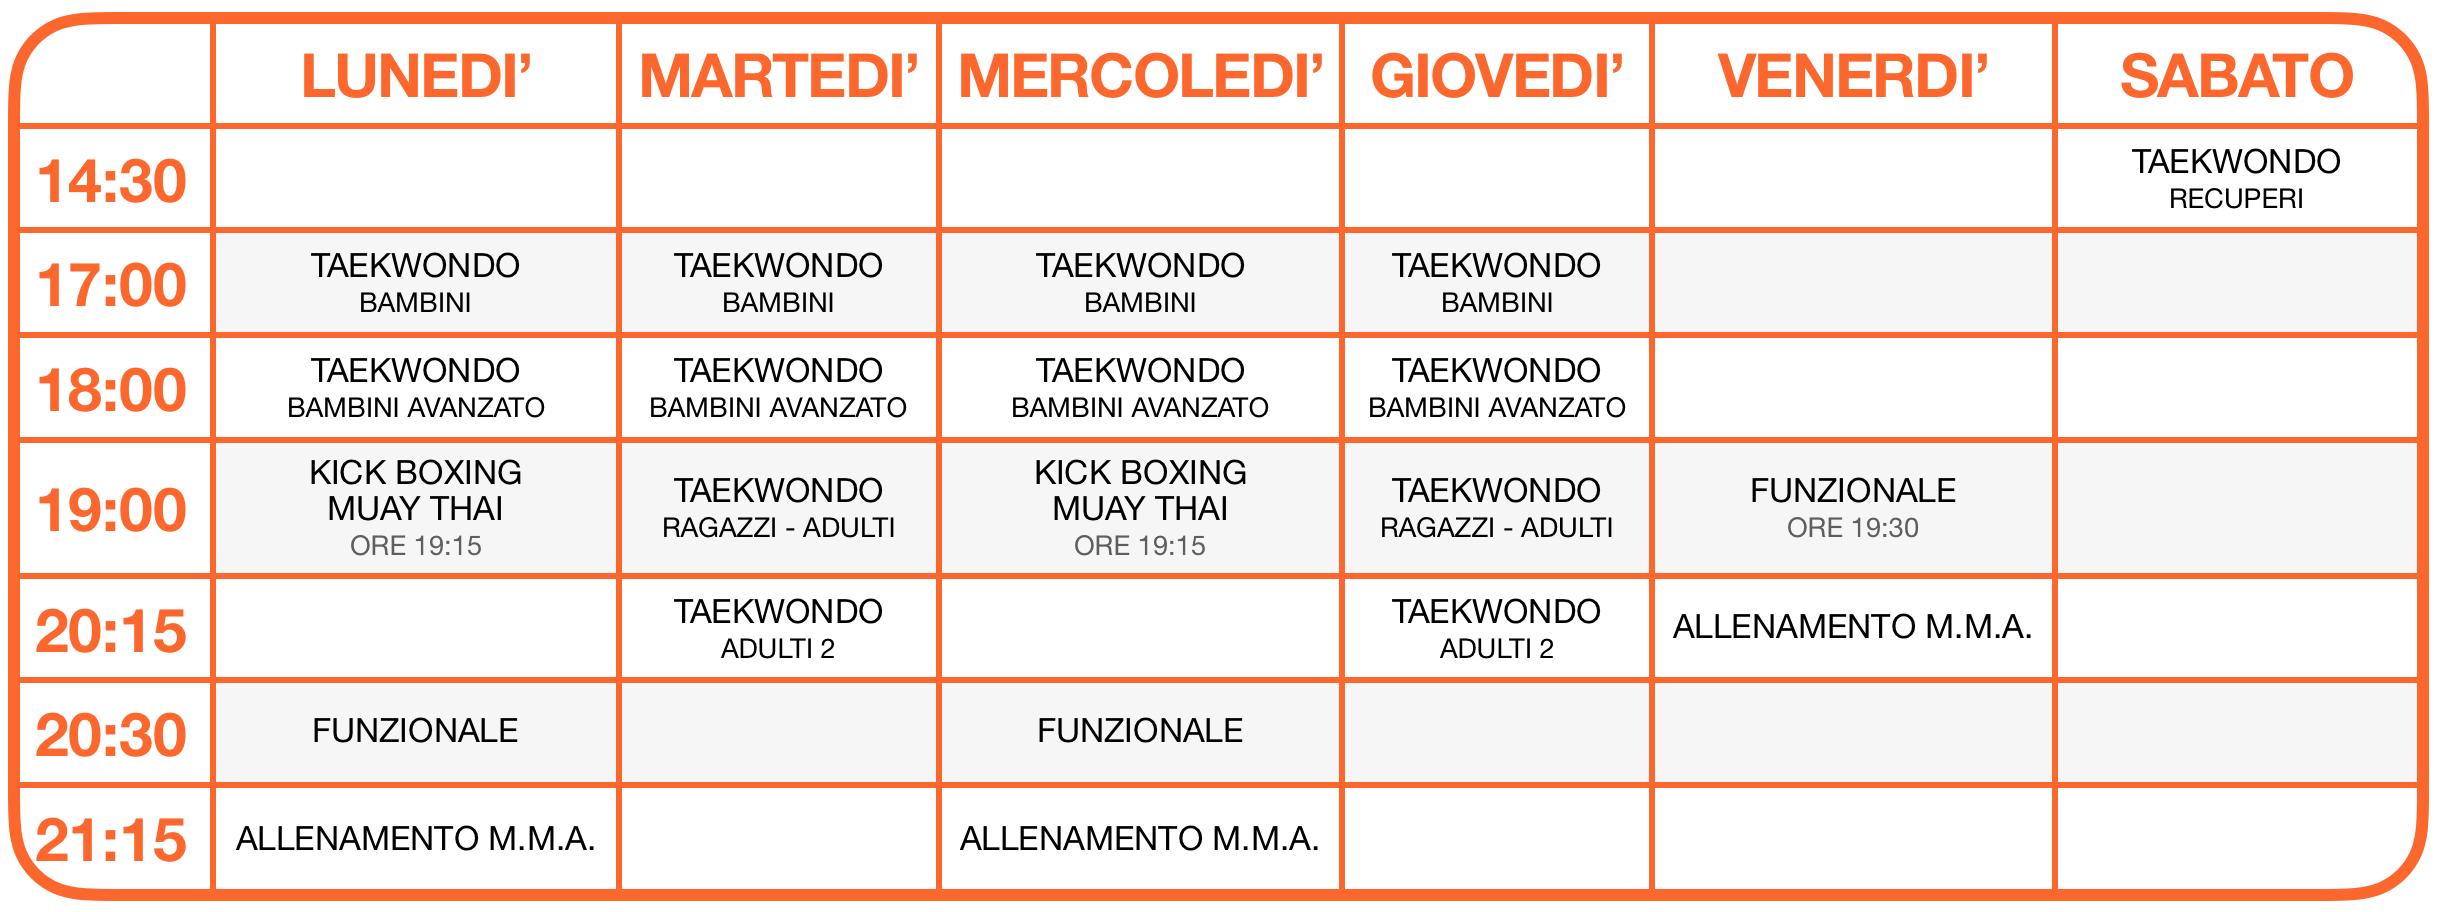 Calendario attività 2021-2022 Arti Marziali a Tatami - Vago di Lavagno - School of Art®